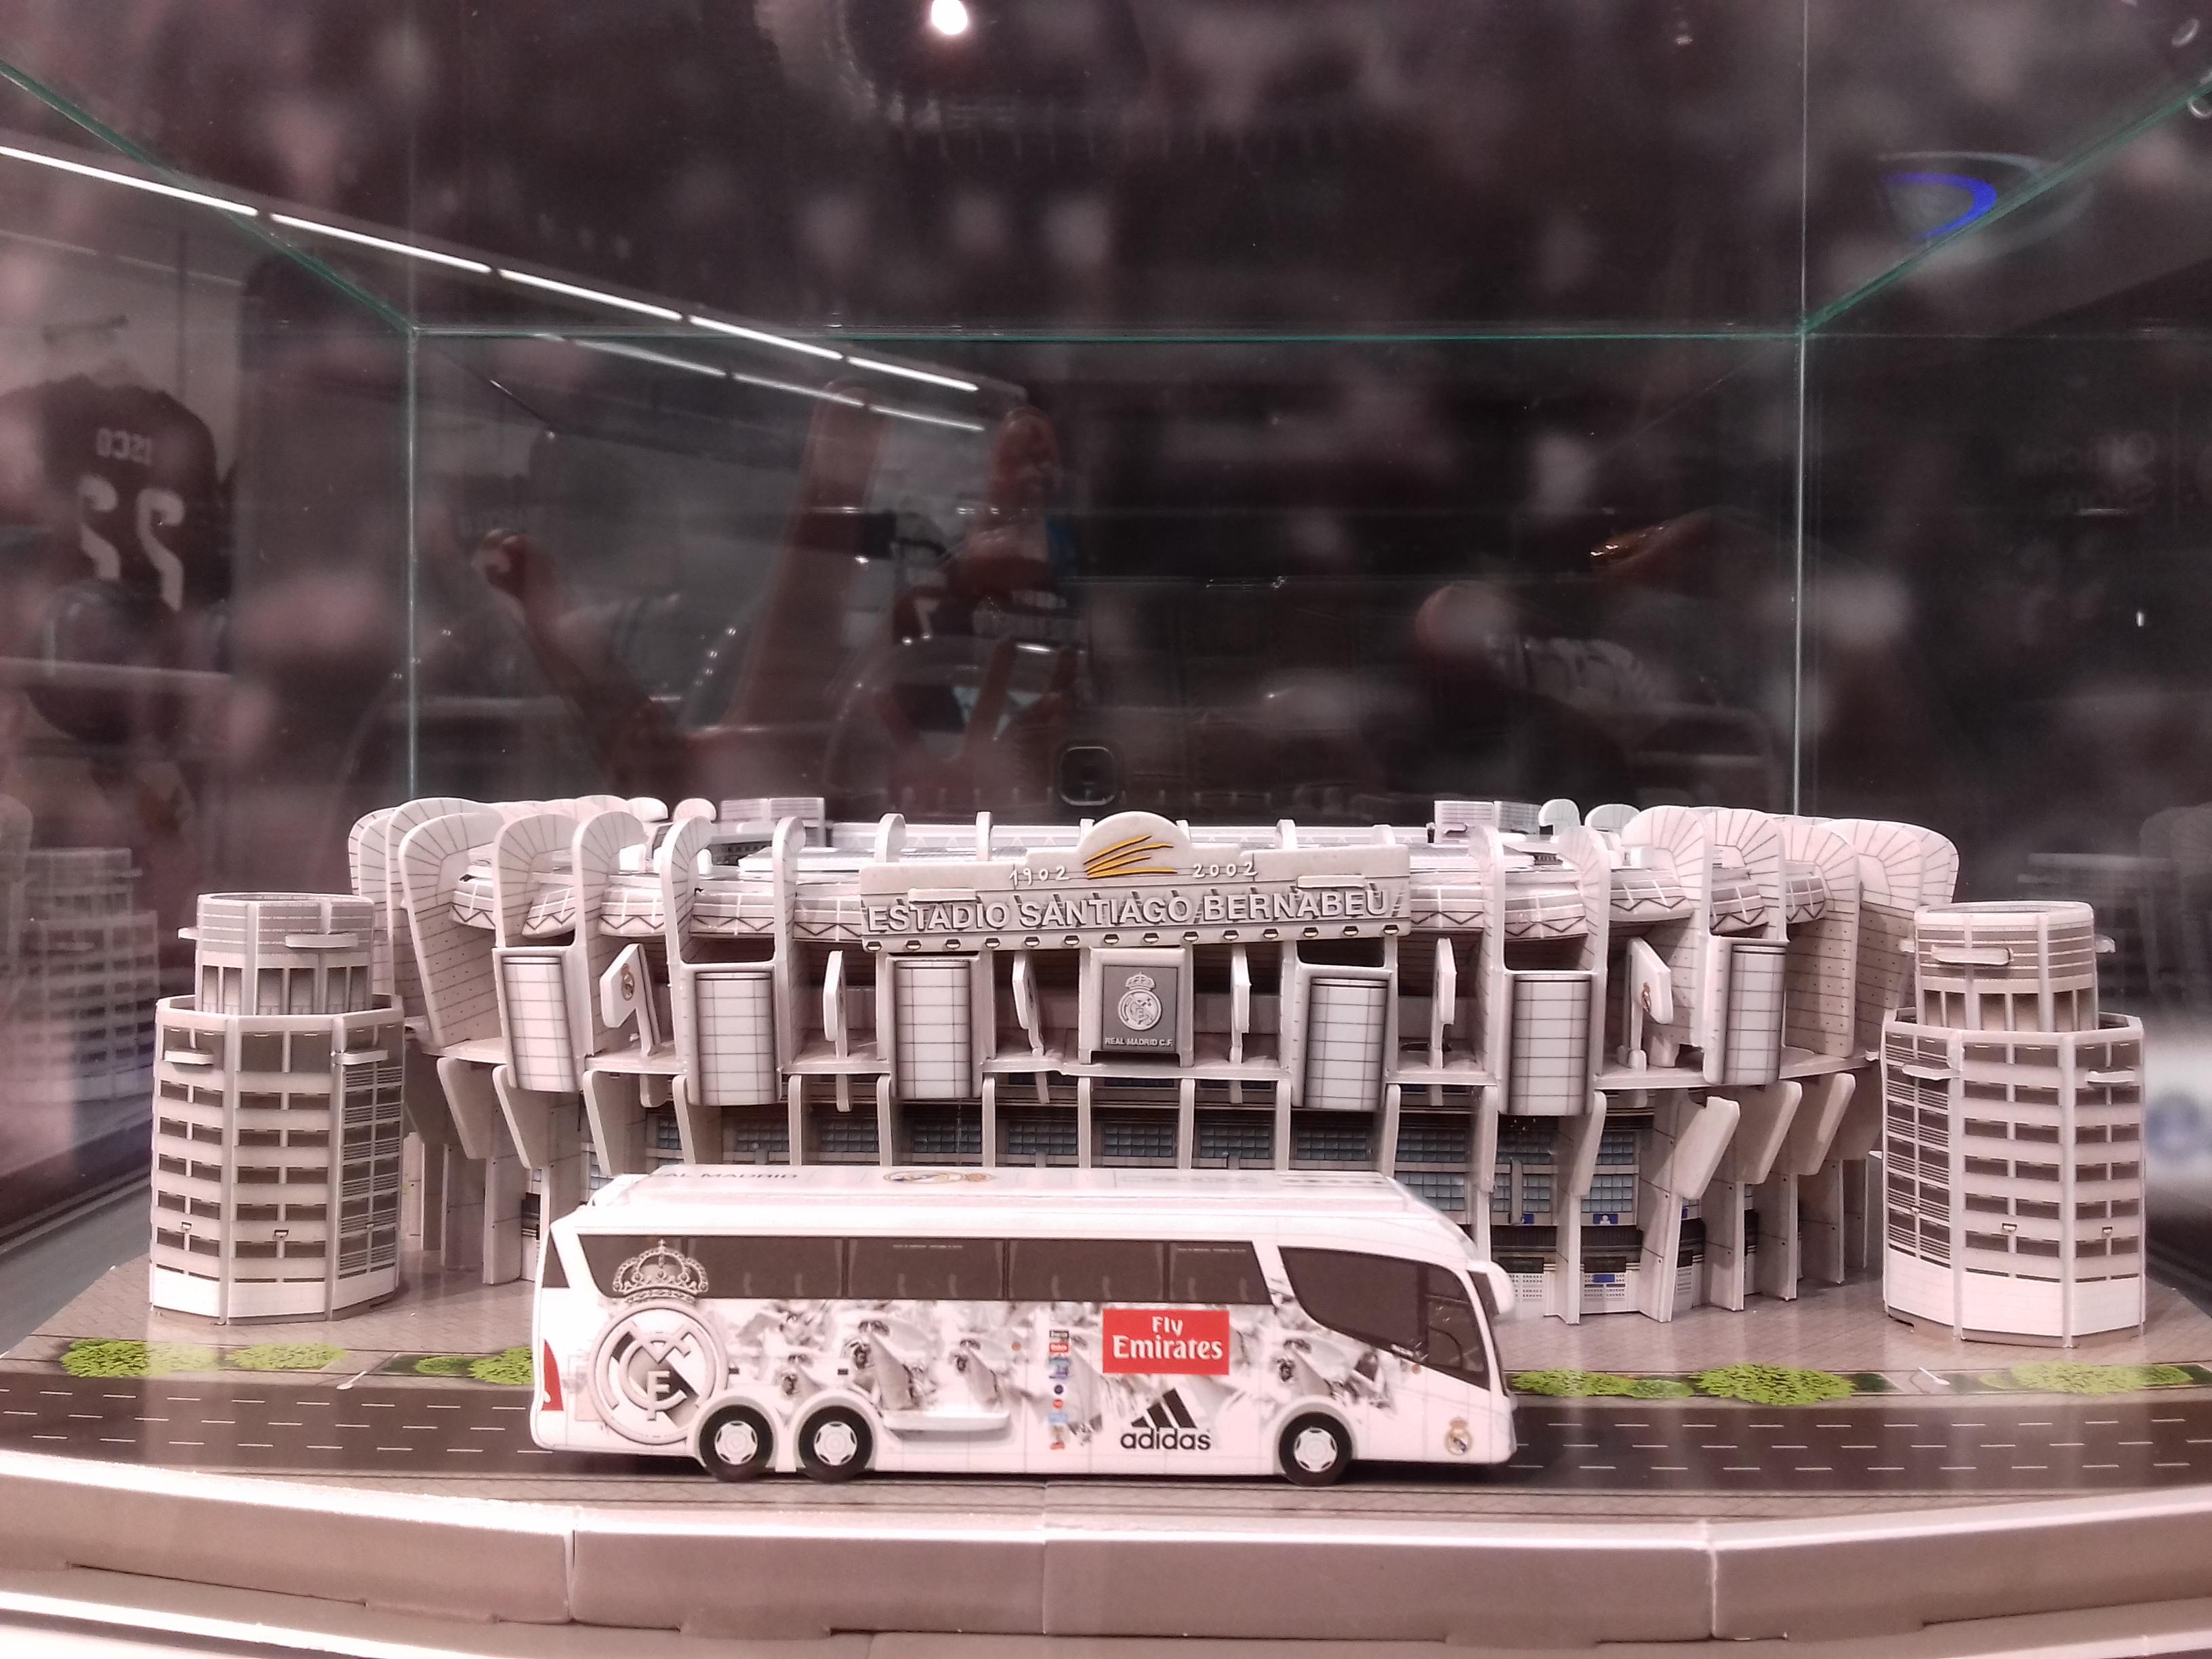 El Real Madrid es uno de los equipos favoritos a nivel mundial y en México 46b7a2feeef5c